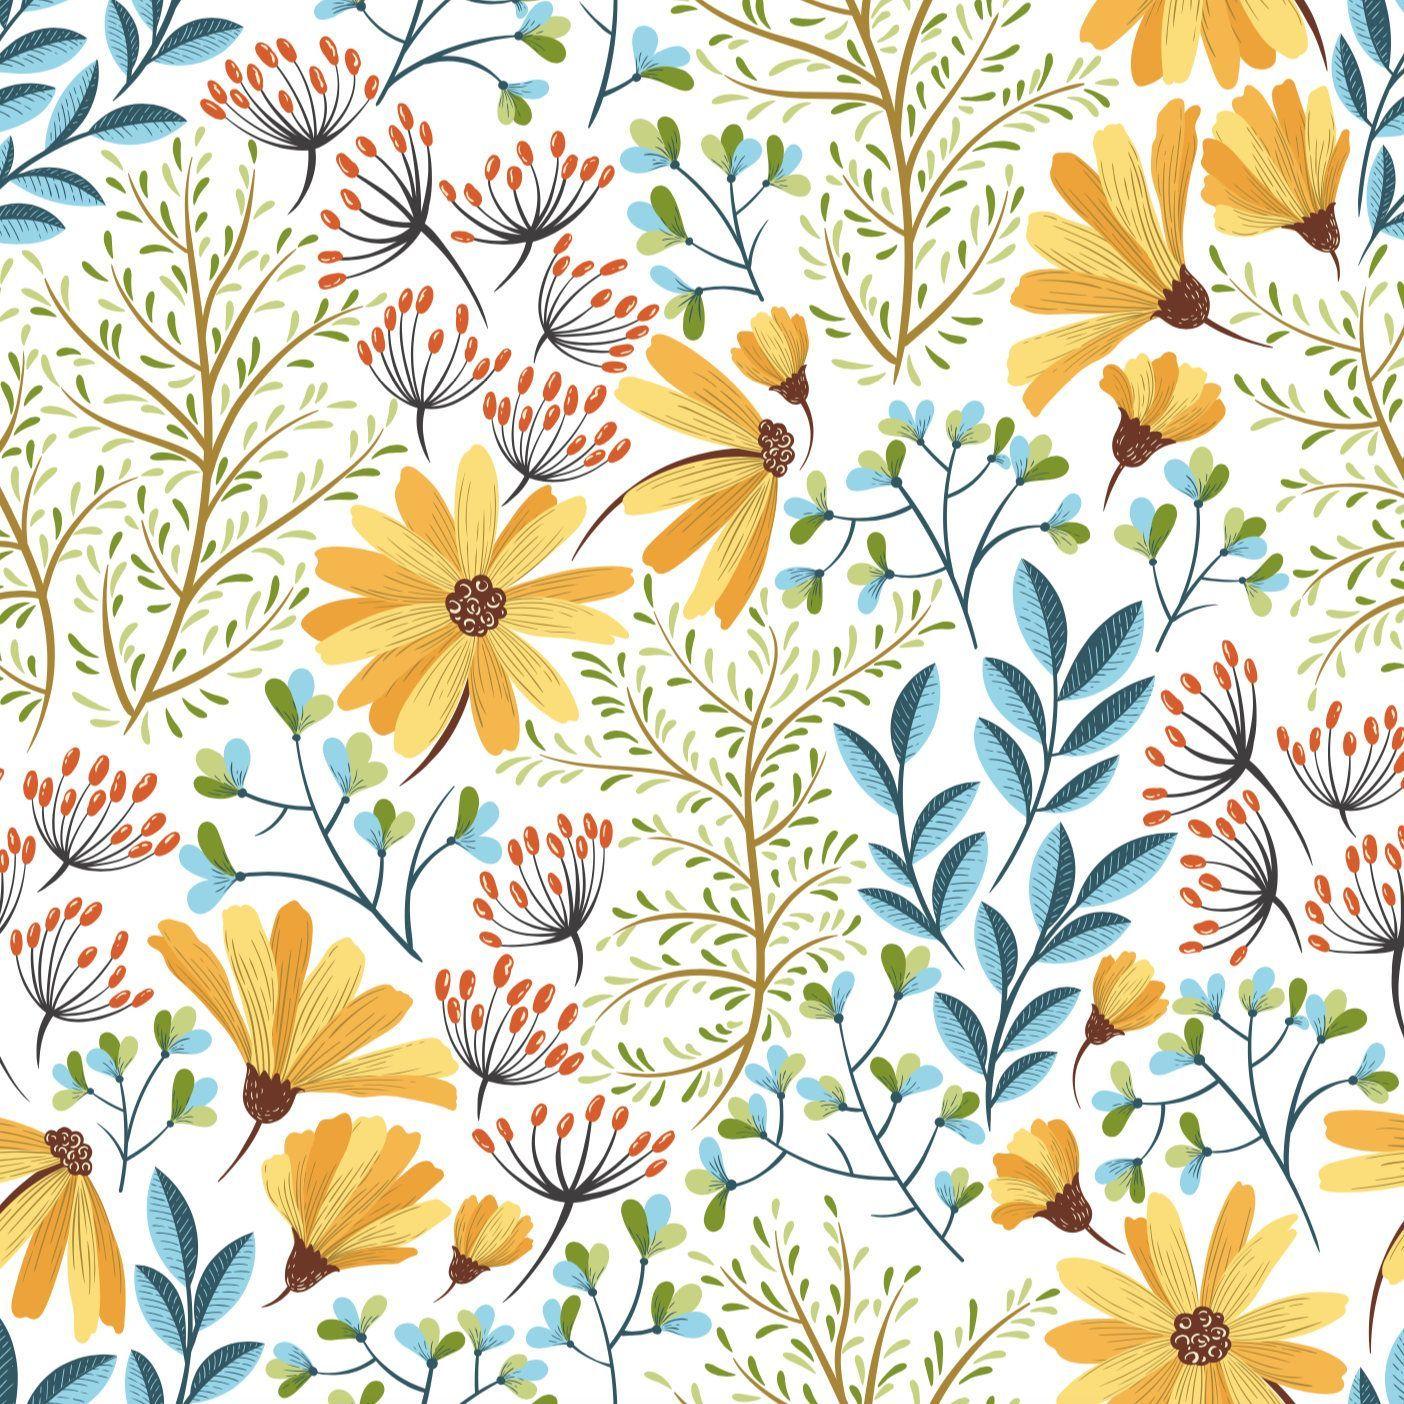 Abnehmbare Tapete Bunte Blumen Hintergrundbilder Selbstklebende Tapete Wandbild Abnehmbare Tapete Selbst In 2020 Floral Wallpaper Wall Wallpaper Flower Wallpaper